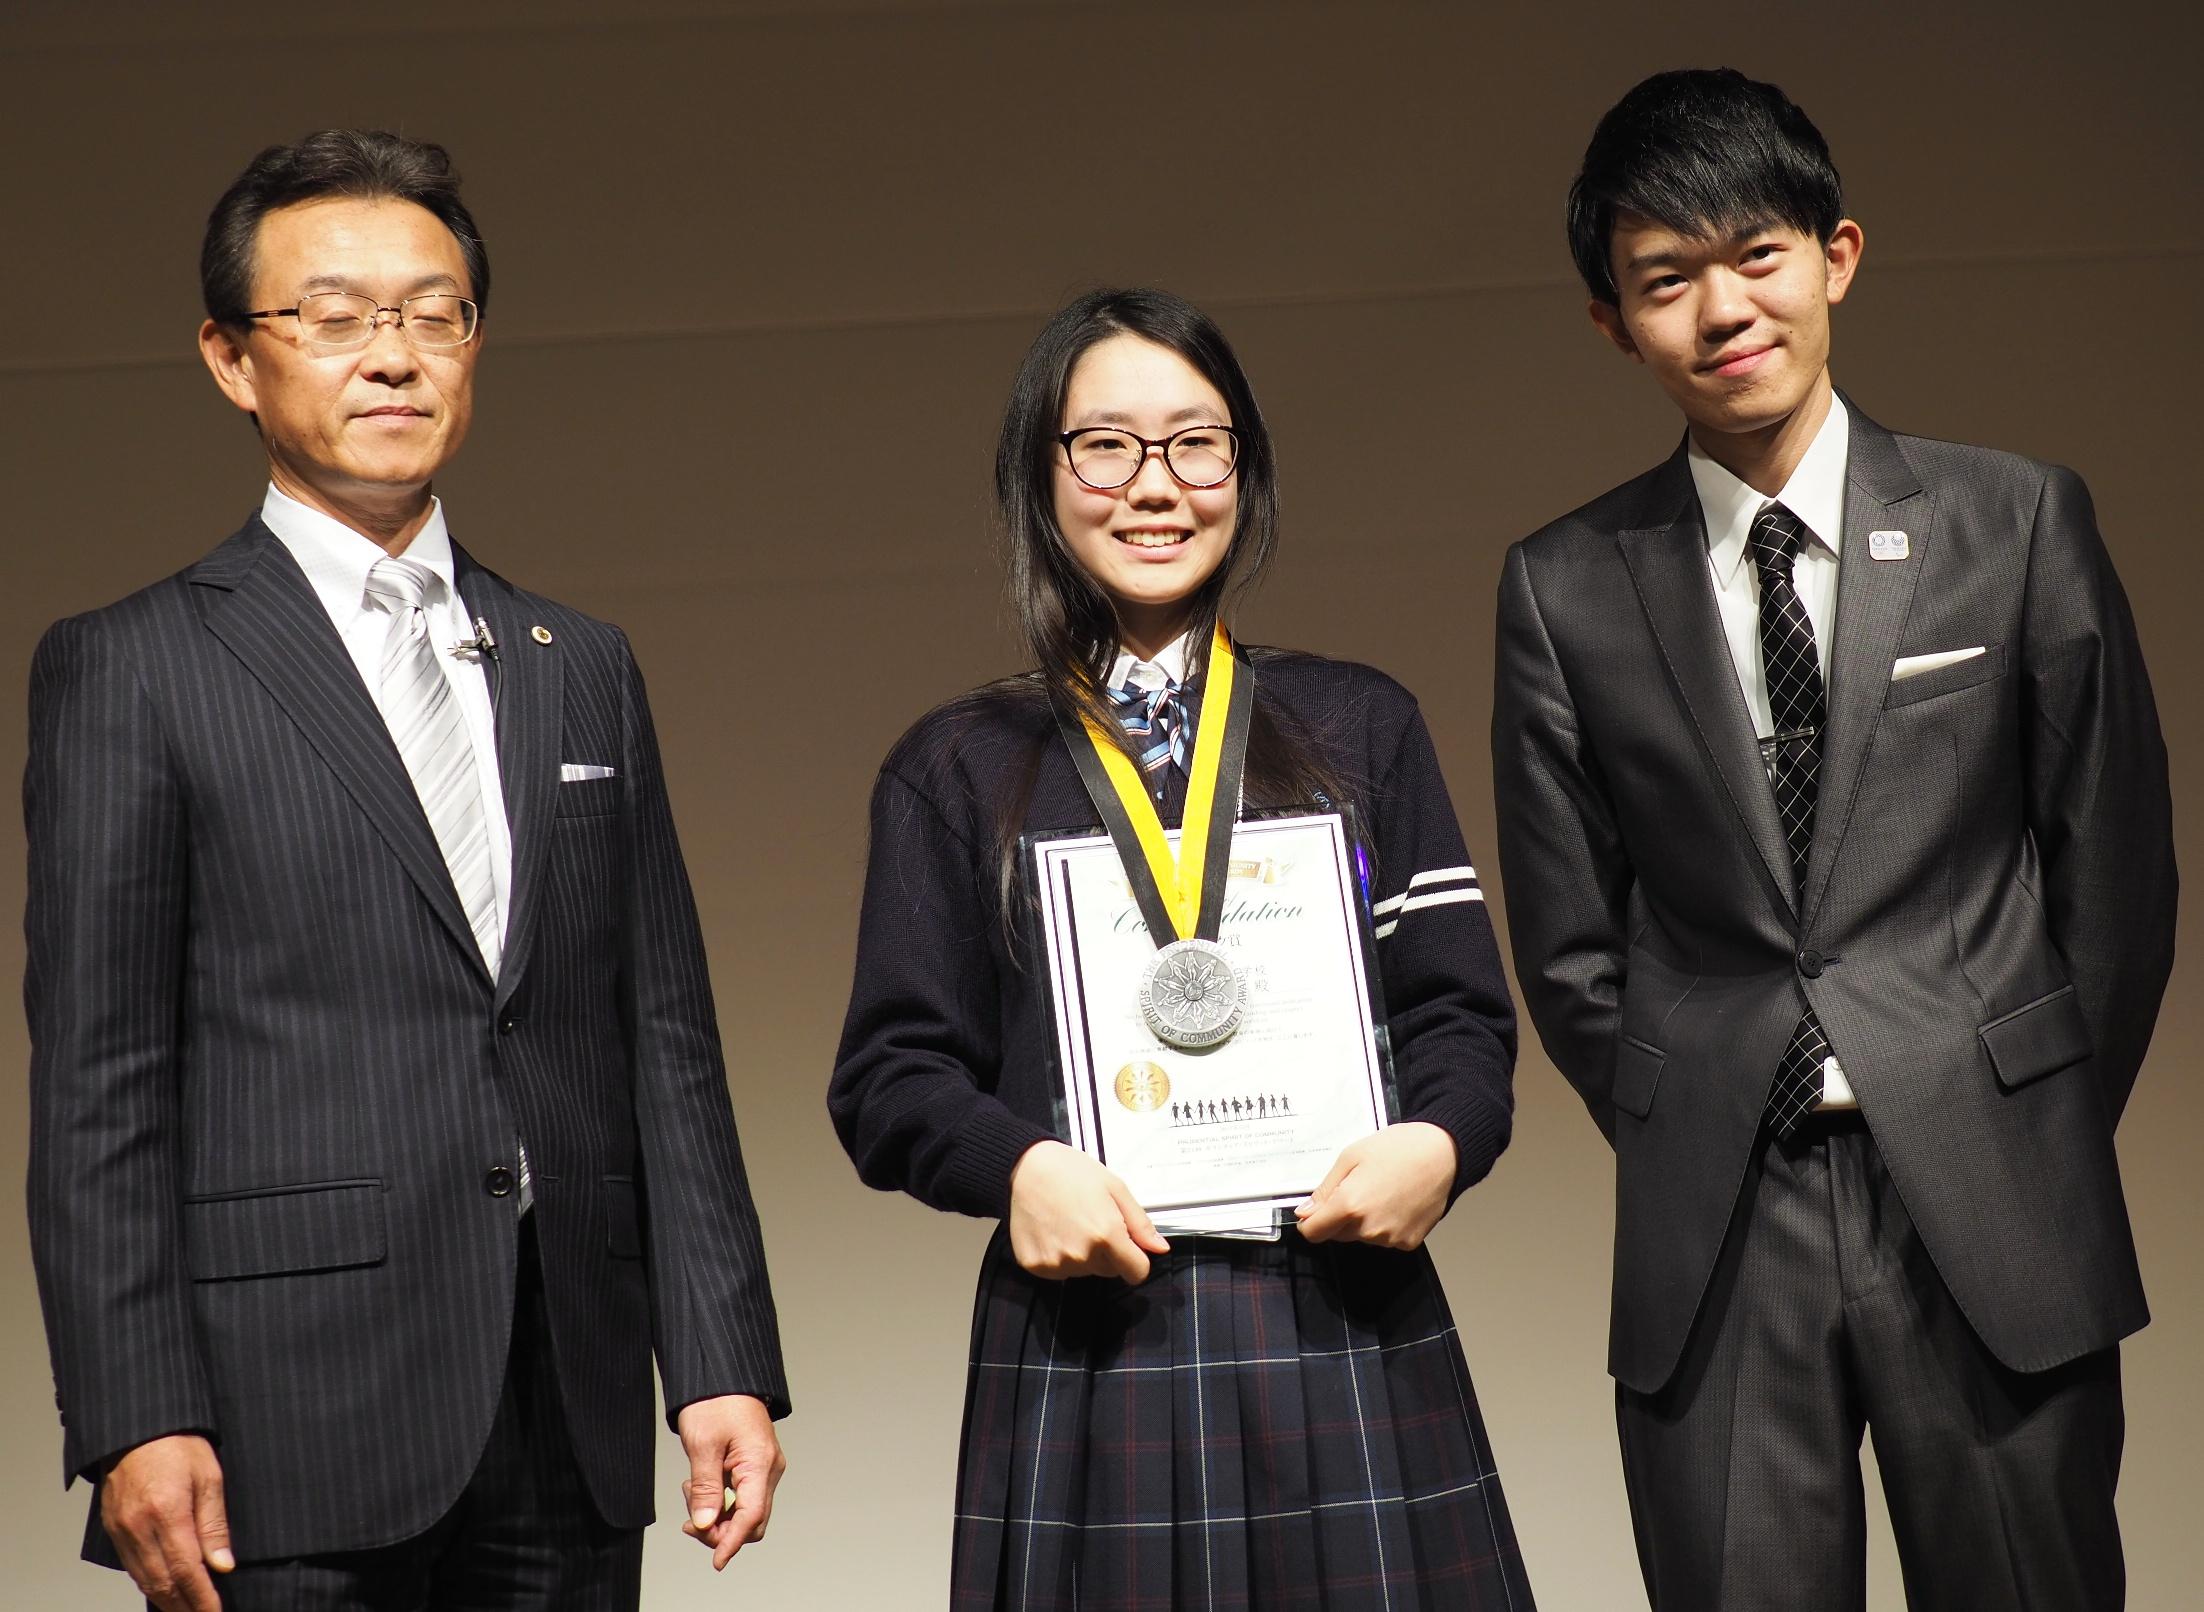 語学を教える難波沙和さん(写真中央)は自身も来年留学の予定だ。今回、メダルのプレゼンターとして受賞者OBで米国ボランティア親善大使にも選ばれた森野宇宙(もりの・たかとき)さん(写真右)も参加し、スピーチも行った。